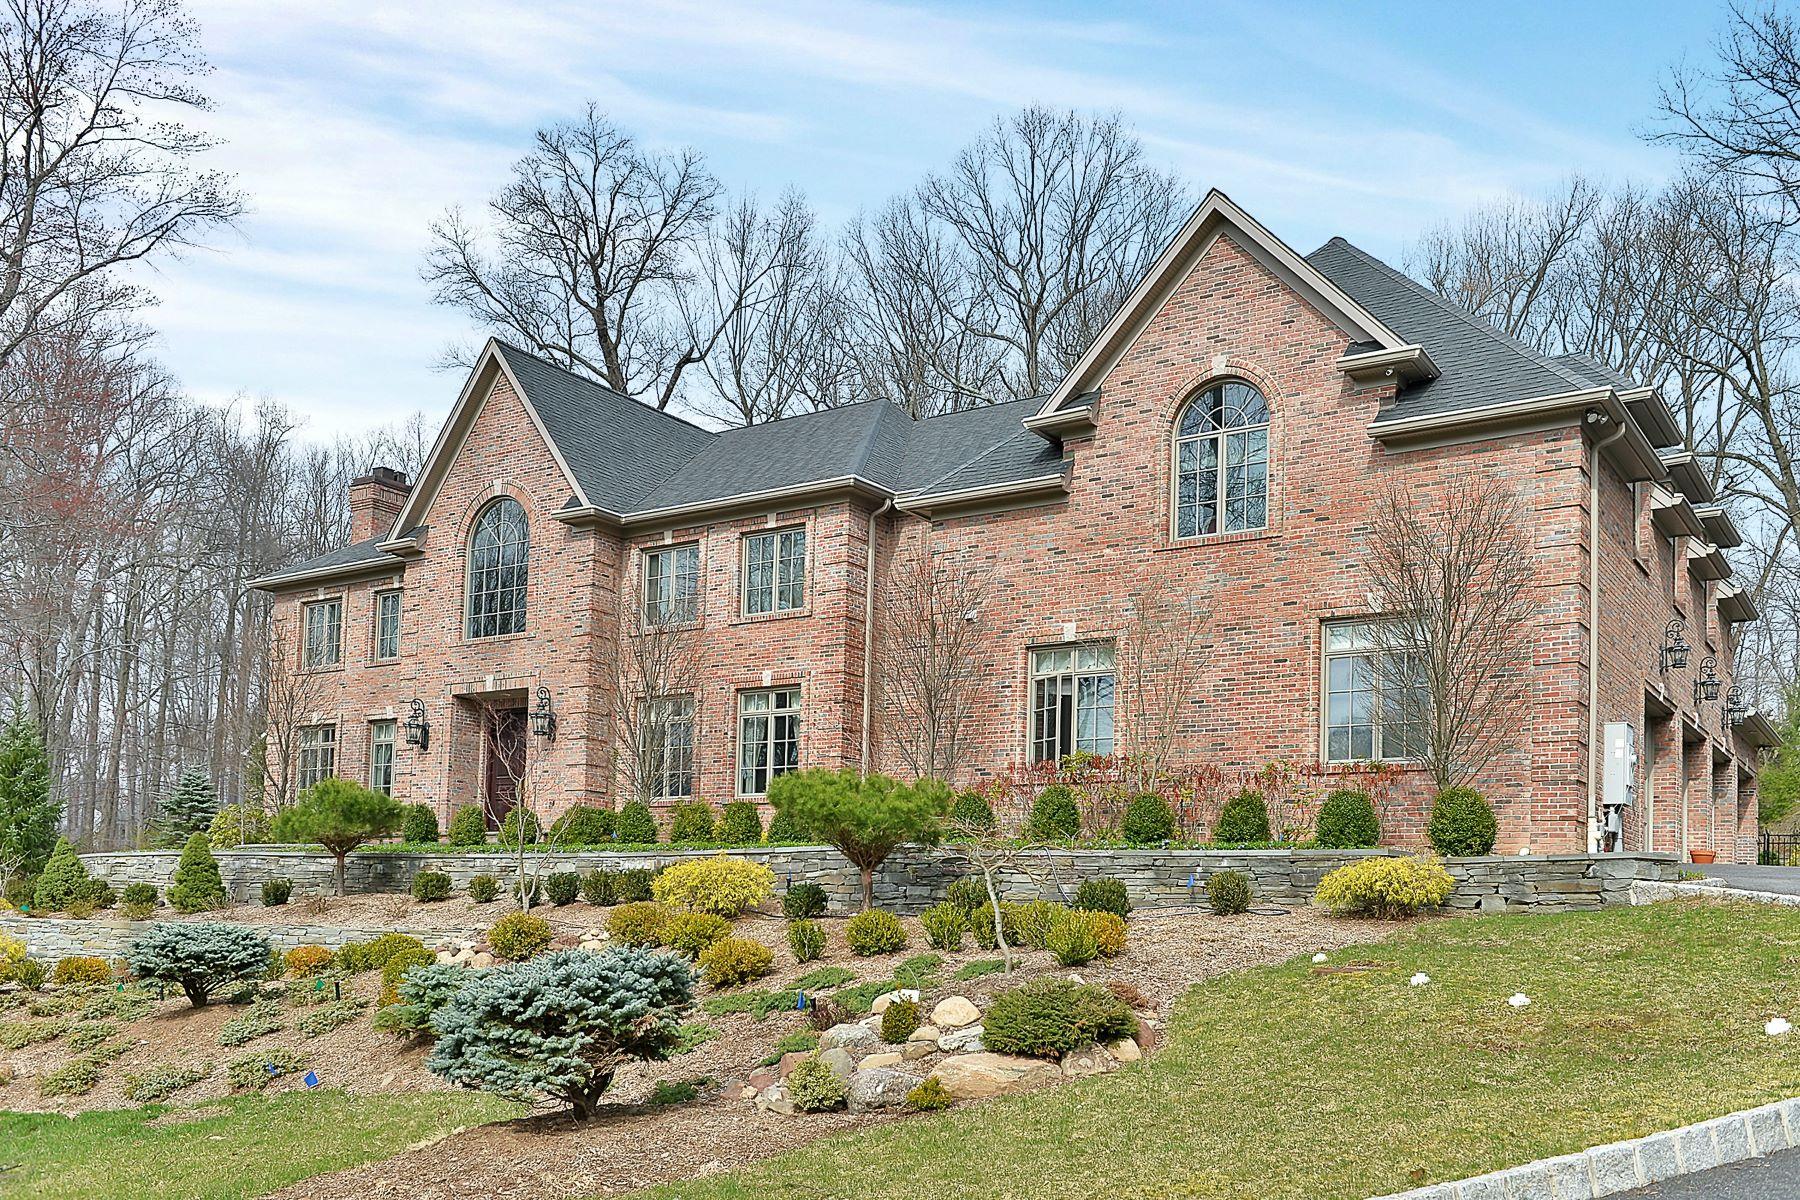 Casa Unifamiliar por un Venta en Hilltop Brick Manor 26 Fox Hedge Road Saddle River, Nueva Jersey, 07458 Estados Unidos